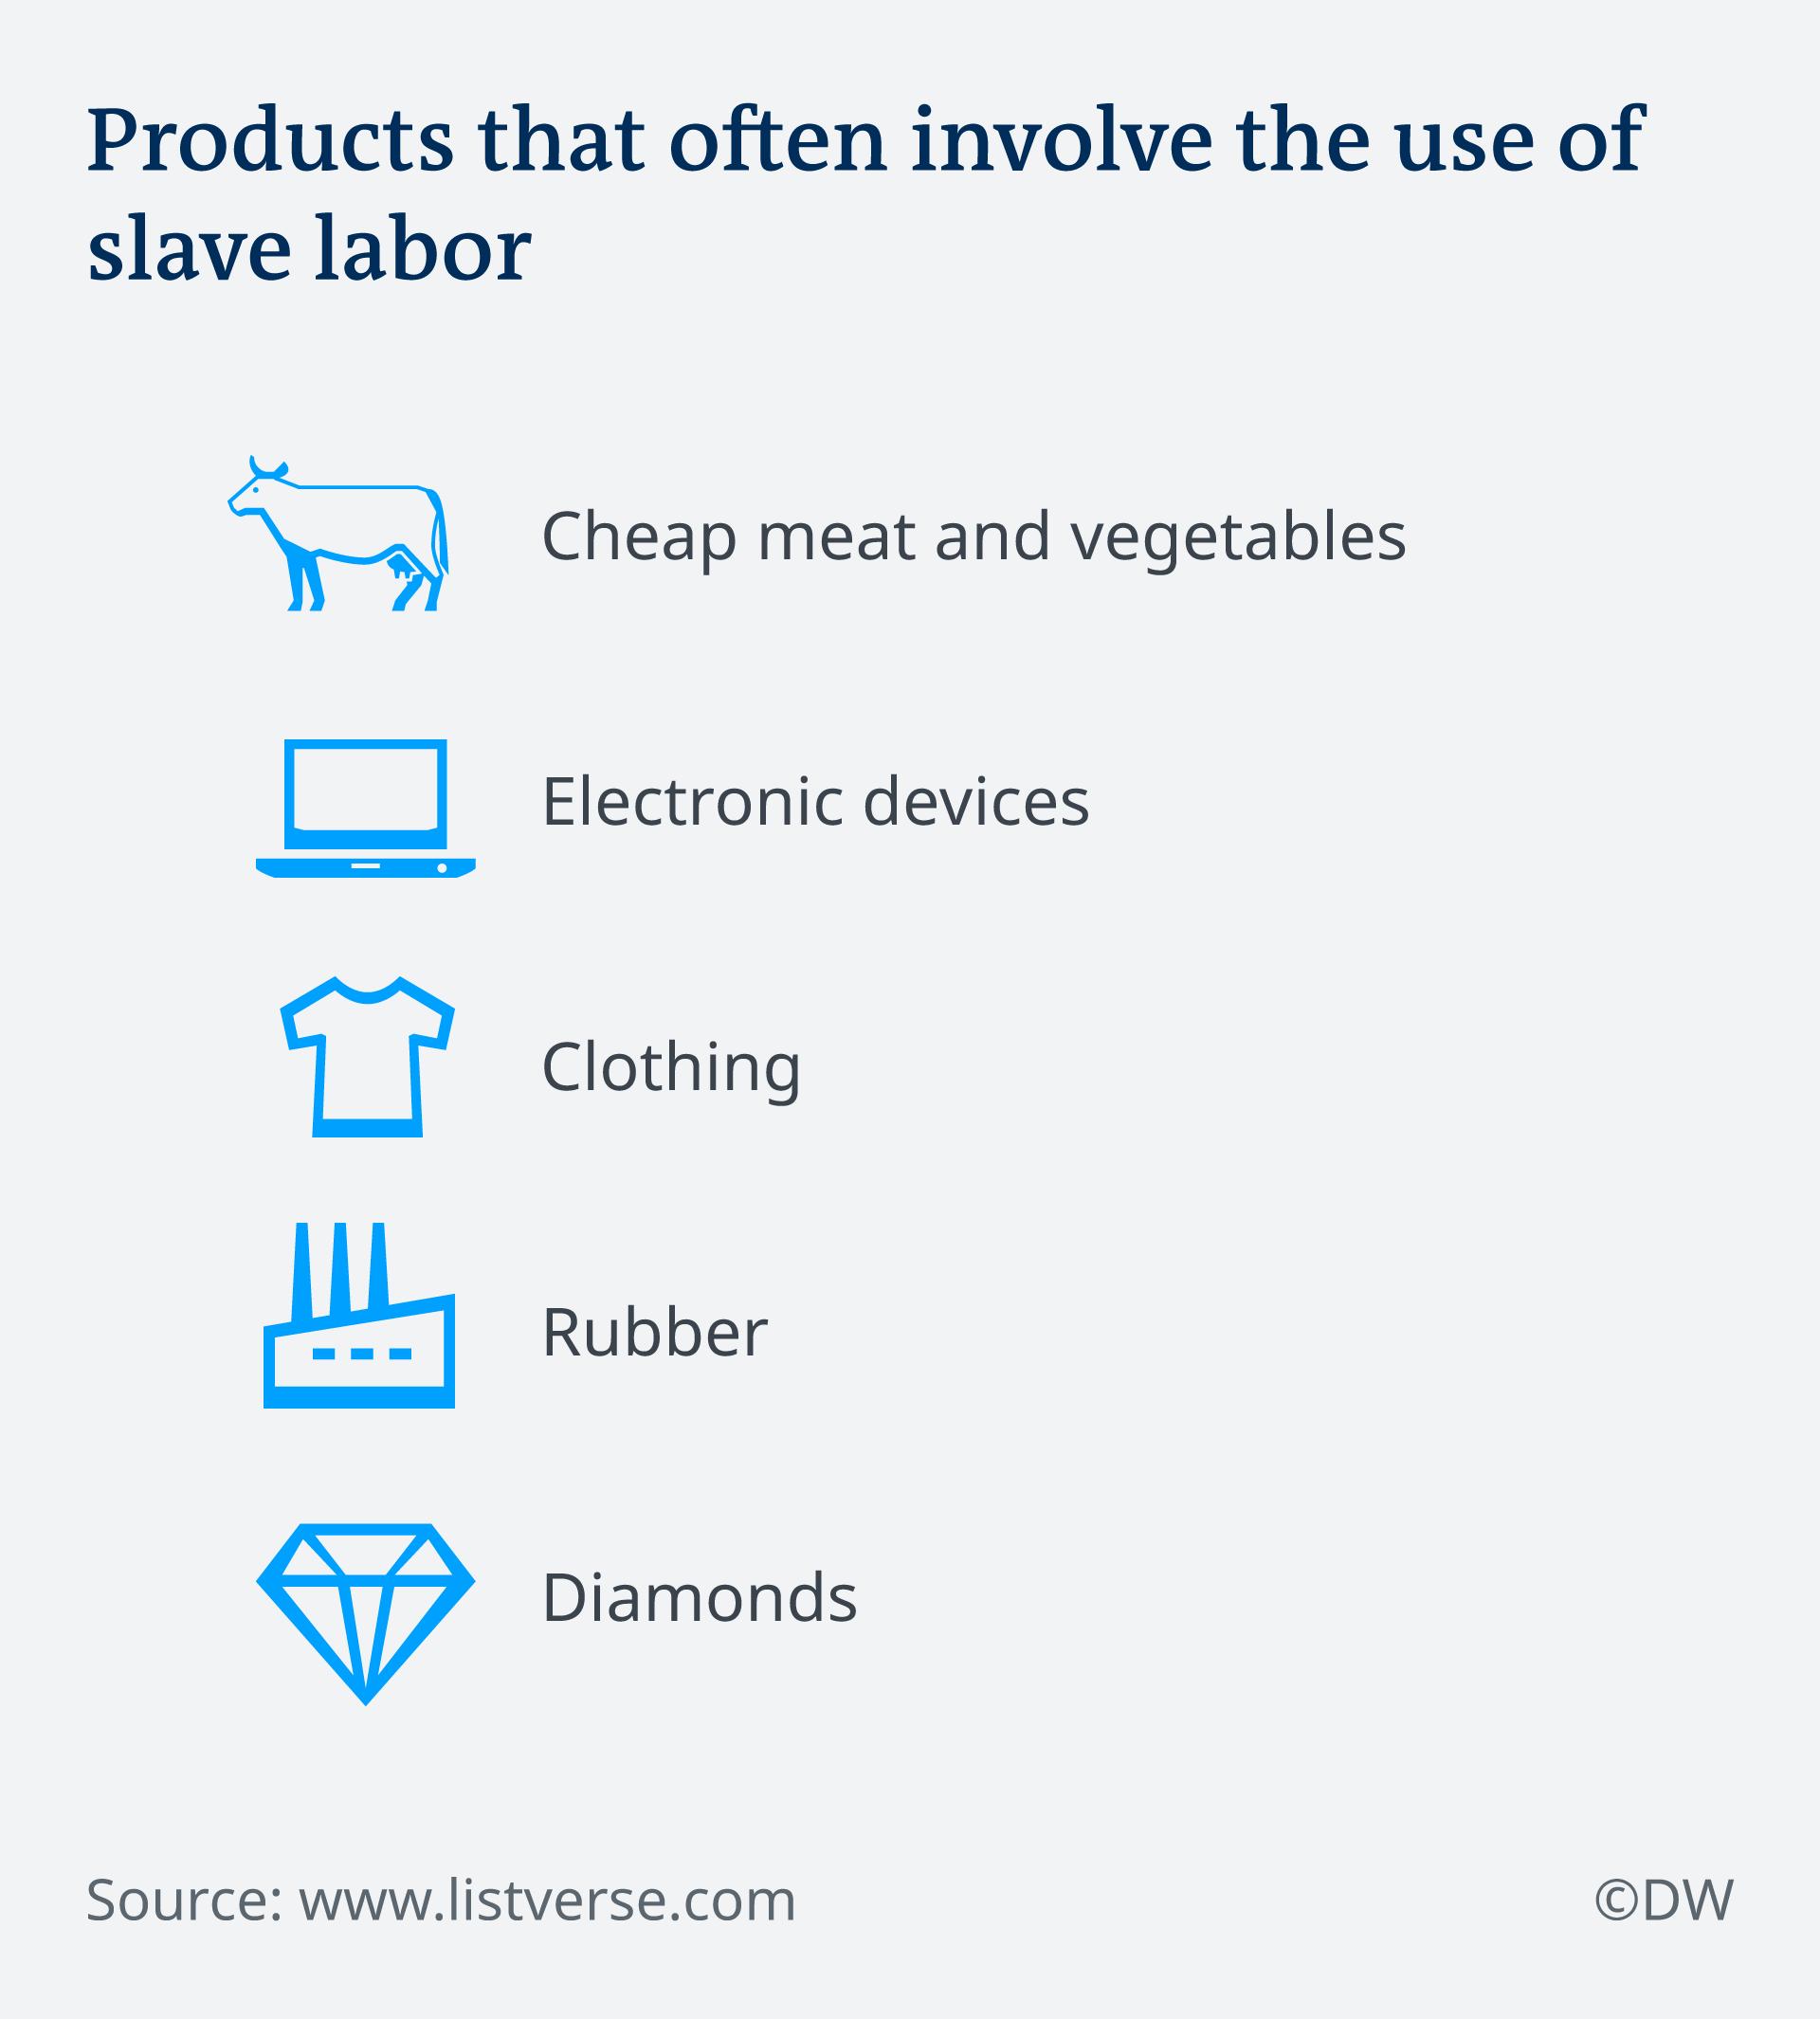 Proizvodi koje radnici često proizvode u robovlasničkim uvjetima